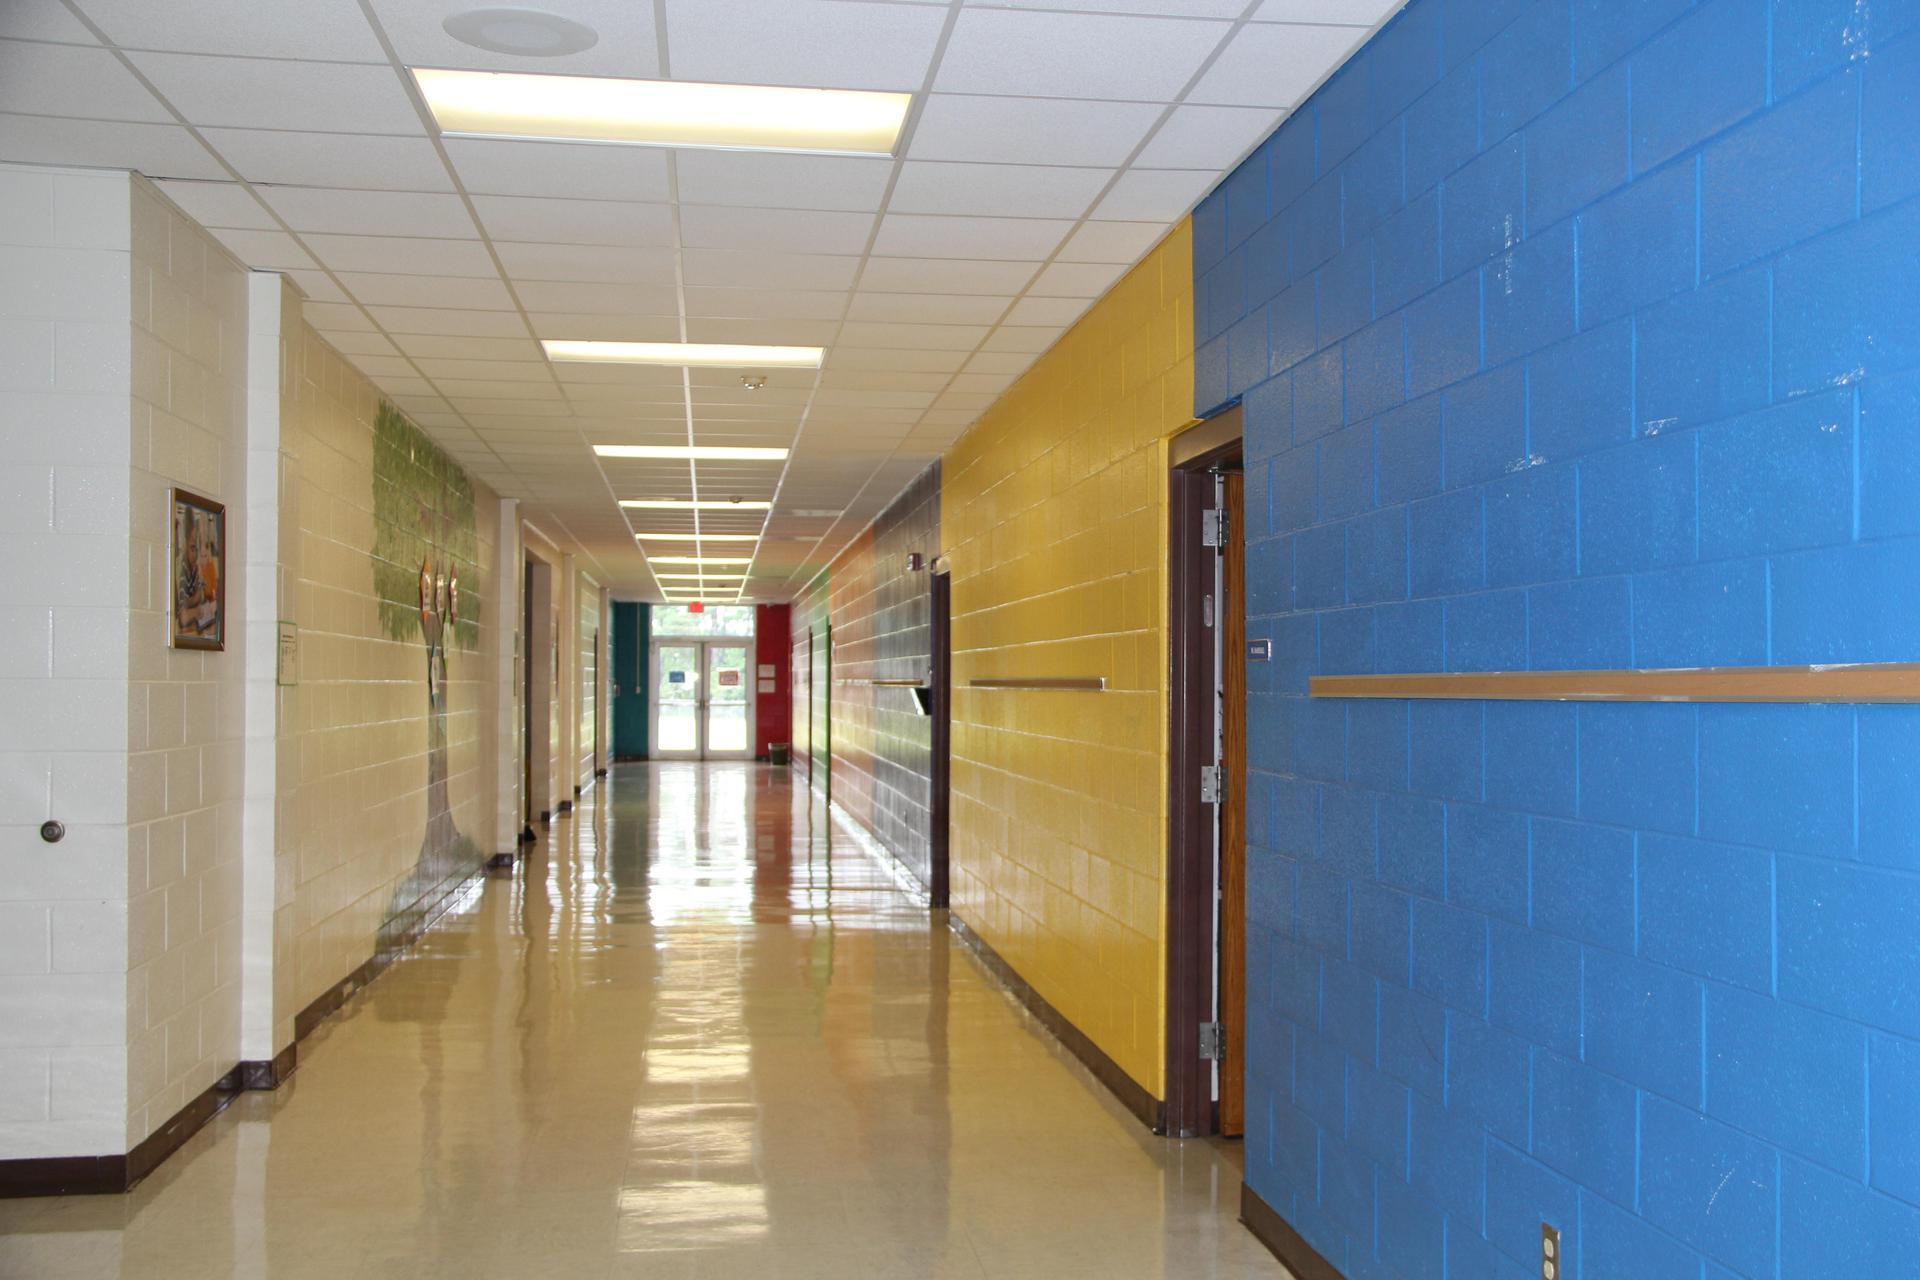 Picture of empty hallway